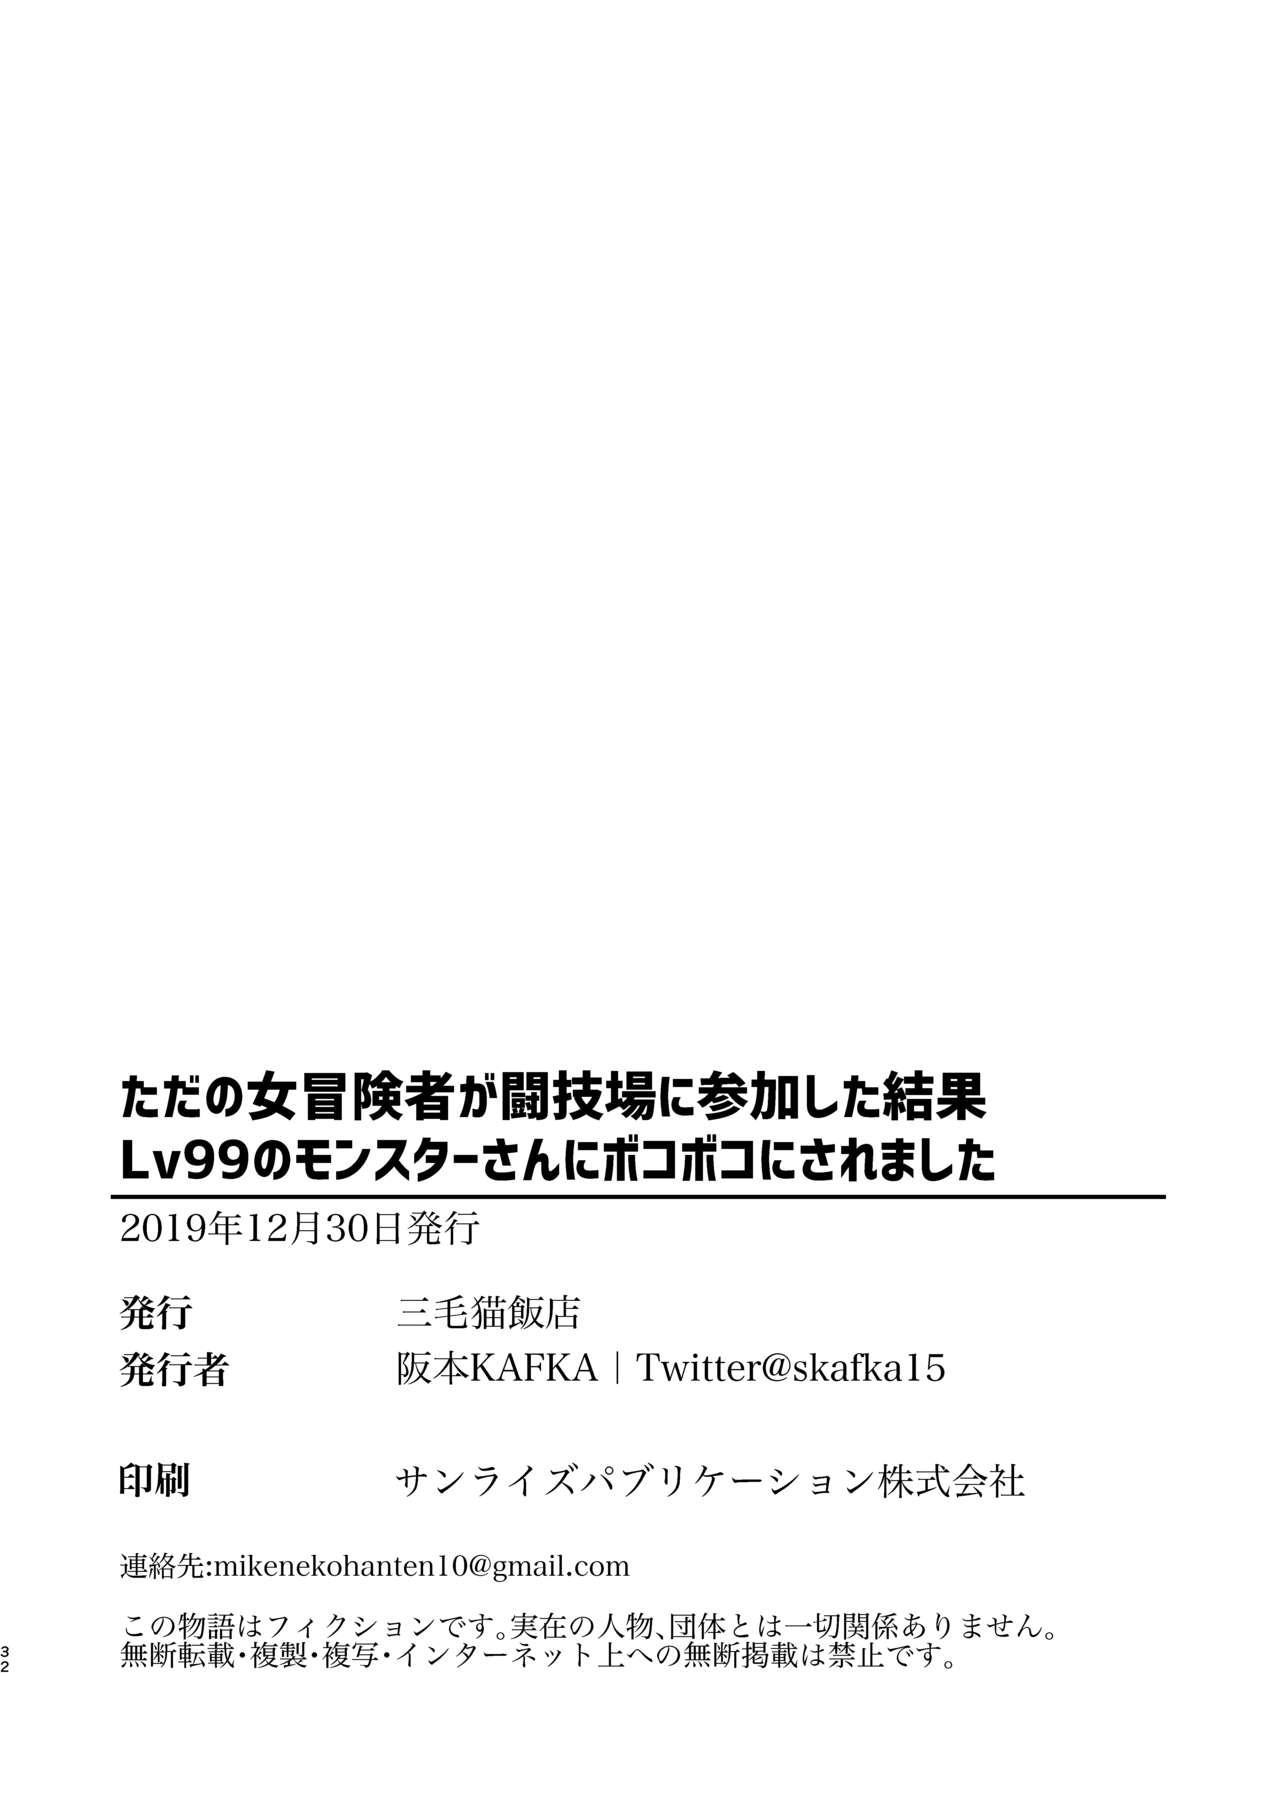 Tada no Onna Boukensha ga Tougijou ni Sanka Shita Kekka Lv 99 no Monster-san ni Bokoboko ni Saremashita 30